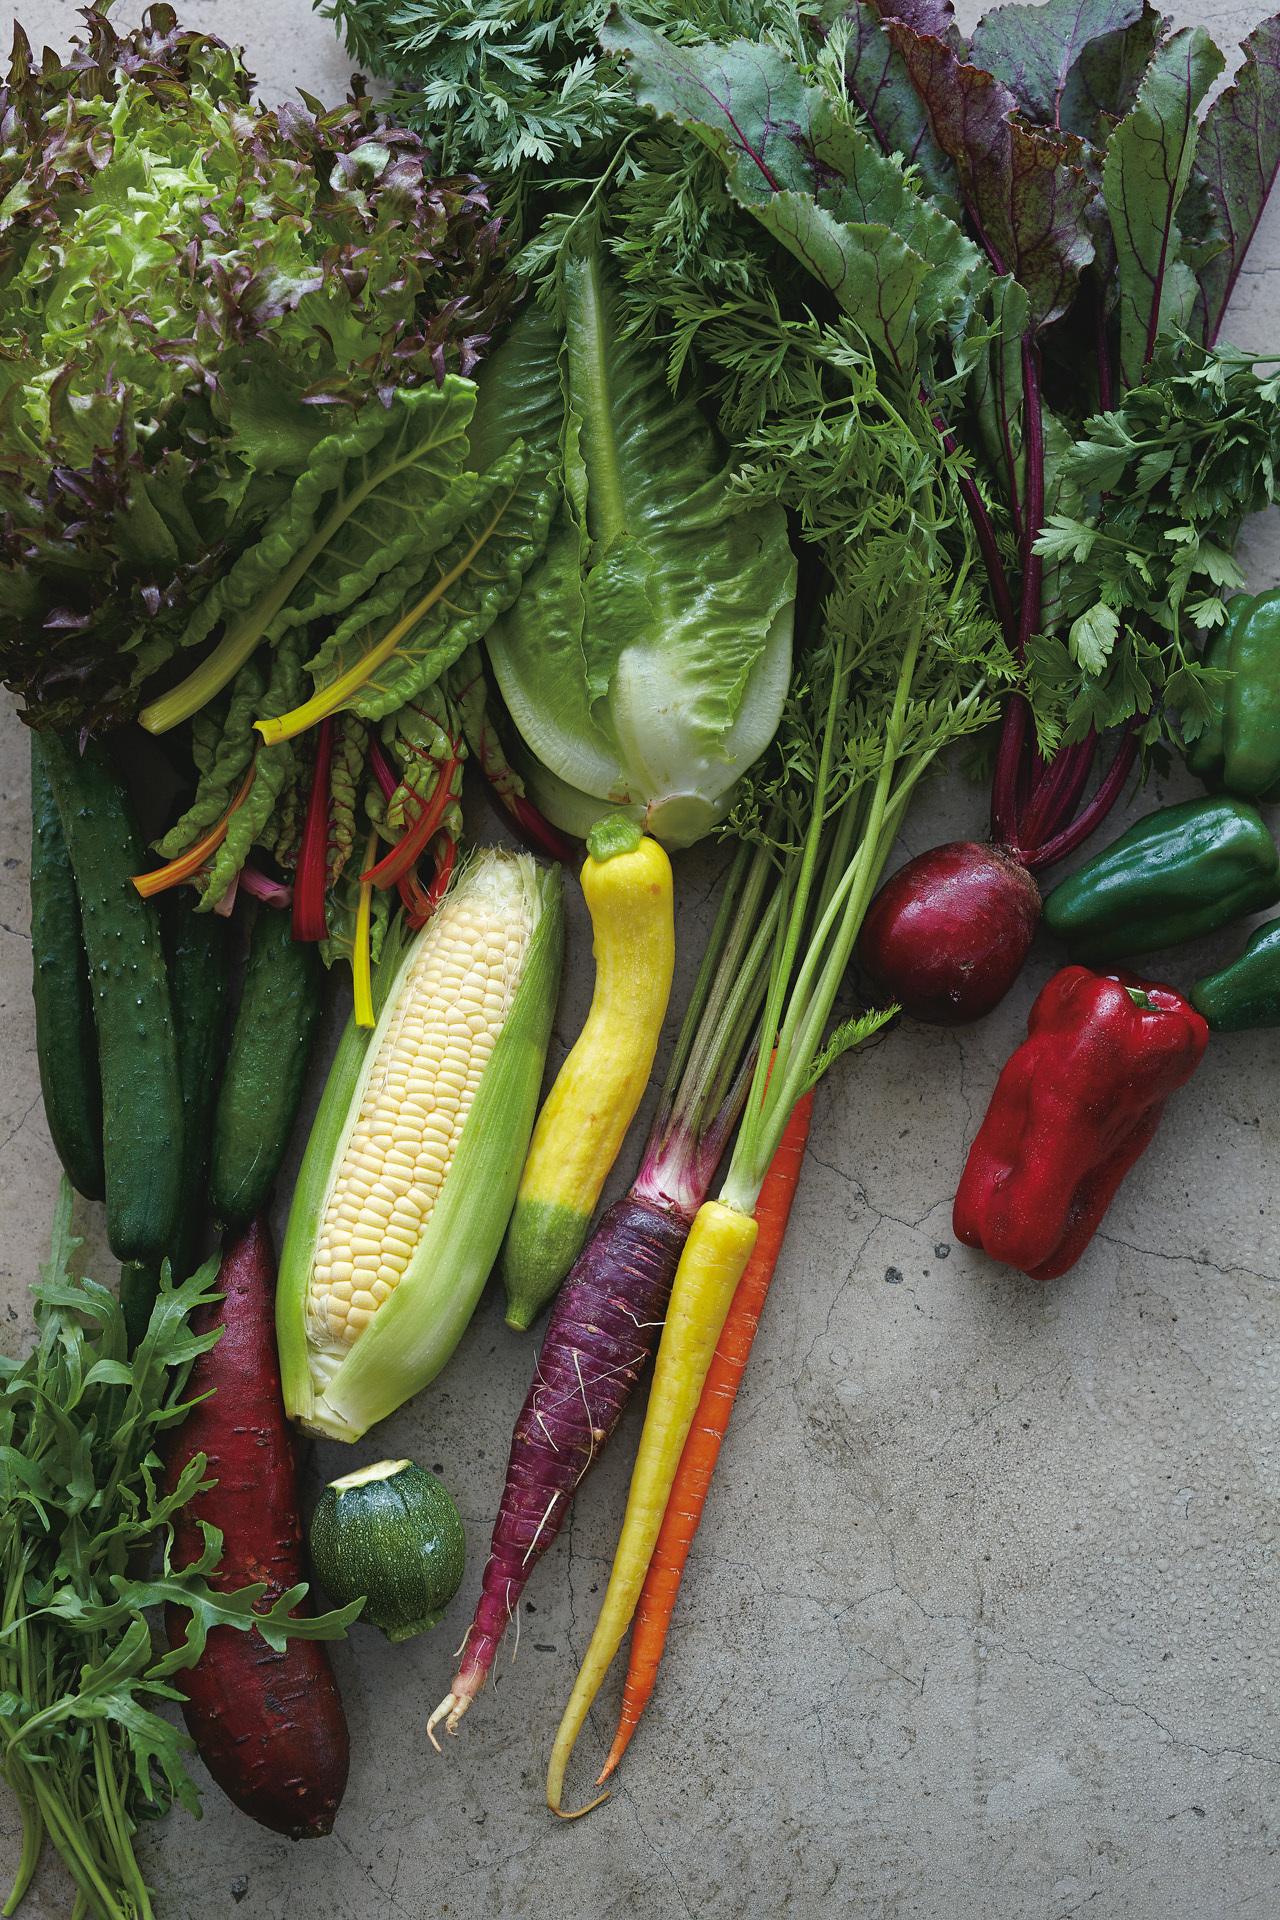 センスあふれる西洋野菜を育てる「アグリアート農園」_1_1